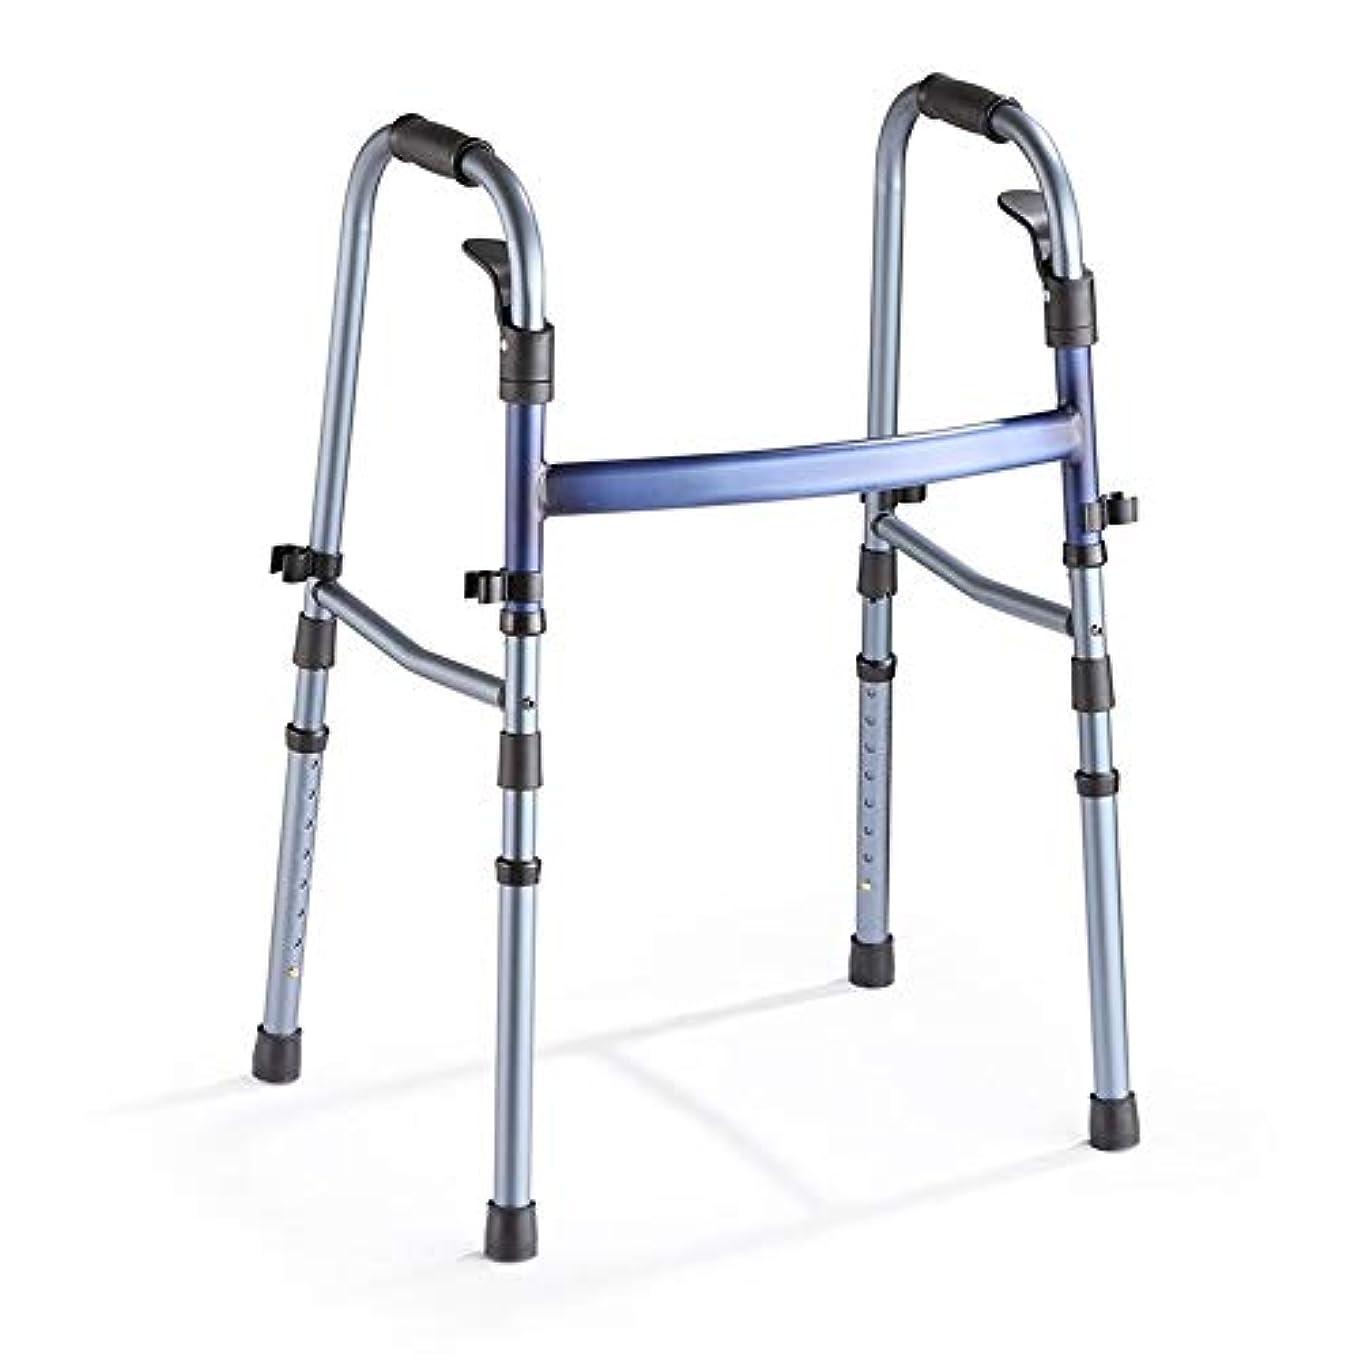 受信劇作家忠実に折りたたみ式軽量アルミニウム歩行ジマーフレームウォーカー-調節可能な高さ